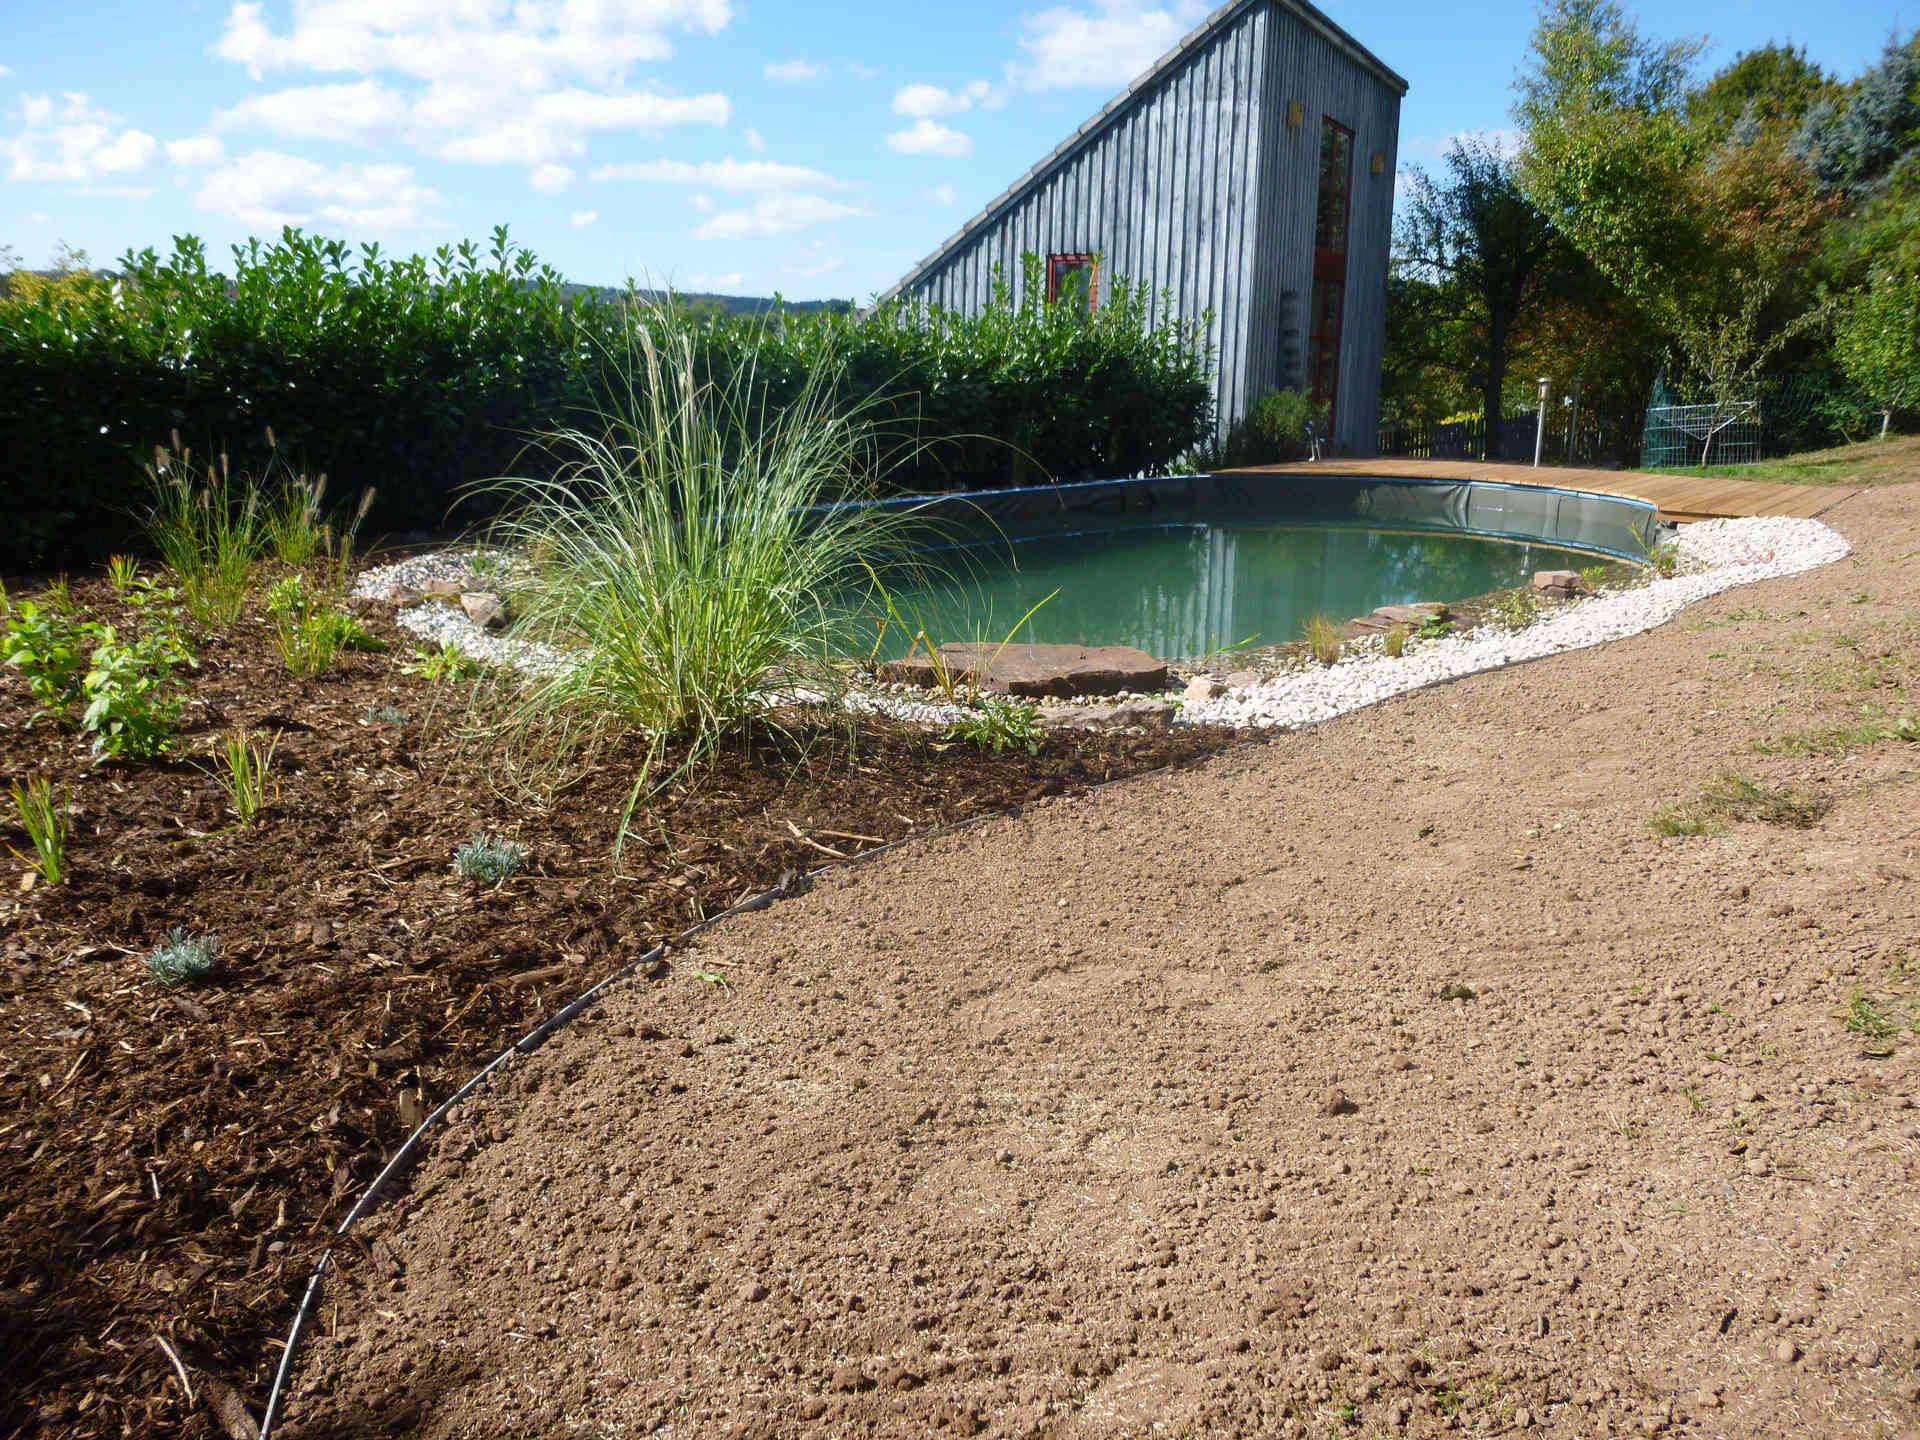 Gartengestaltung Mit Schwimmteich Nachher